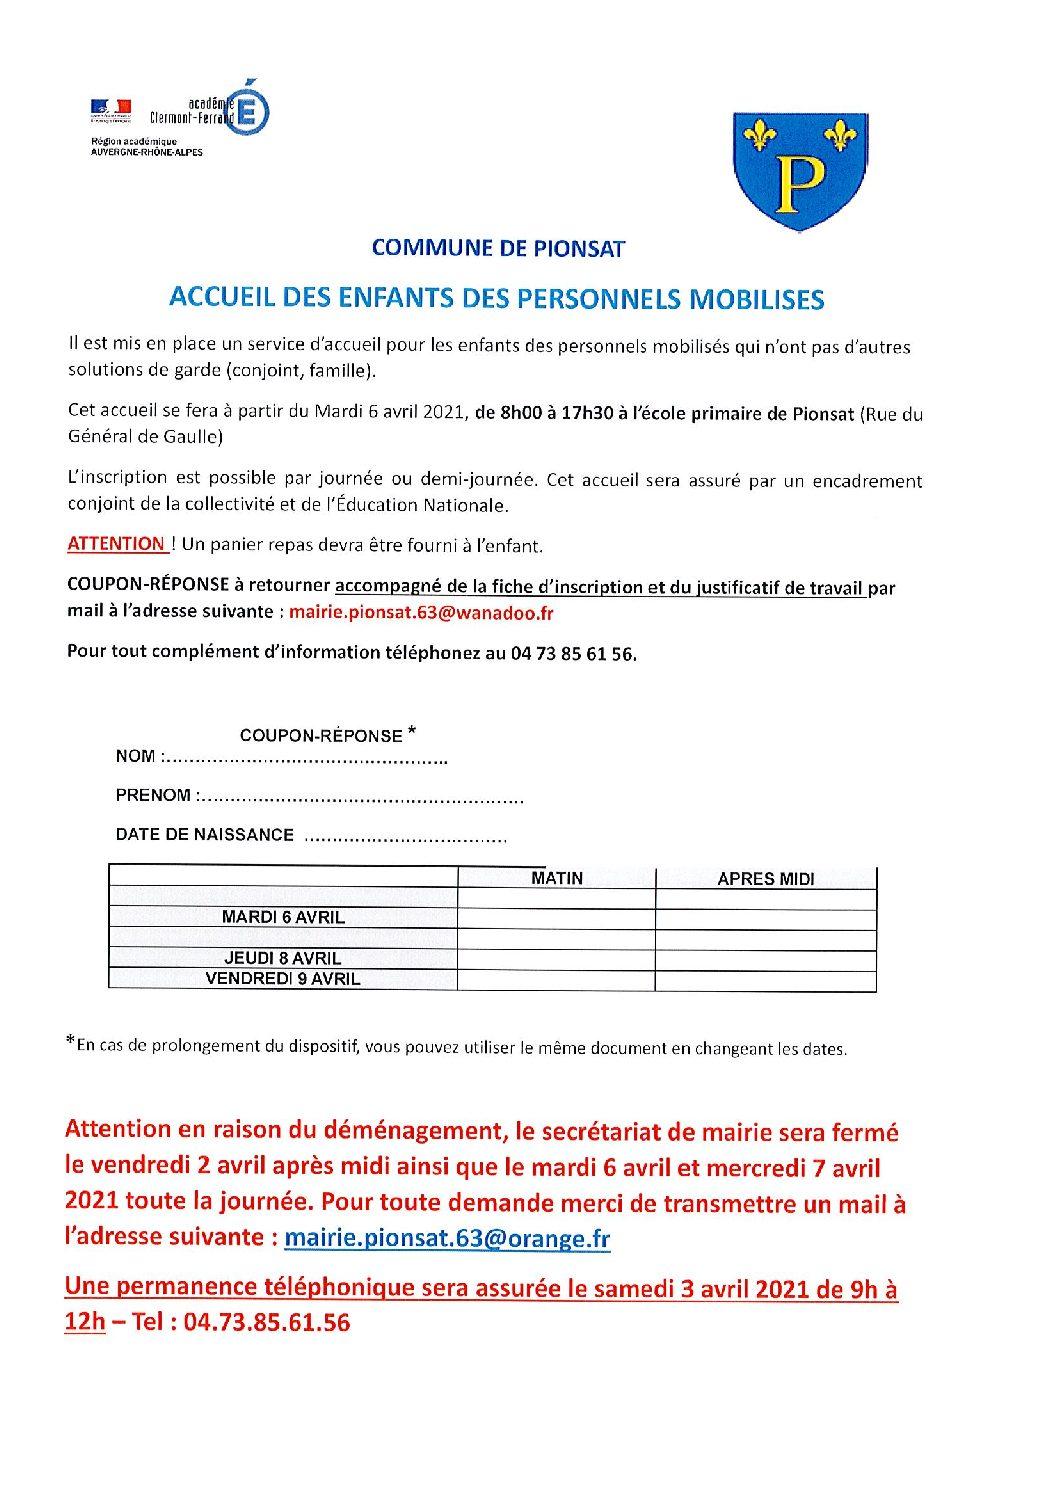 FICHE D'INSCRIPTION POUR L'ACCUEIL DES ENFANTS DES PERSONNELS MOBILISES